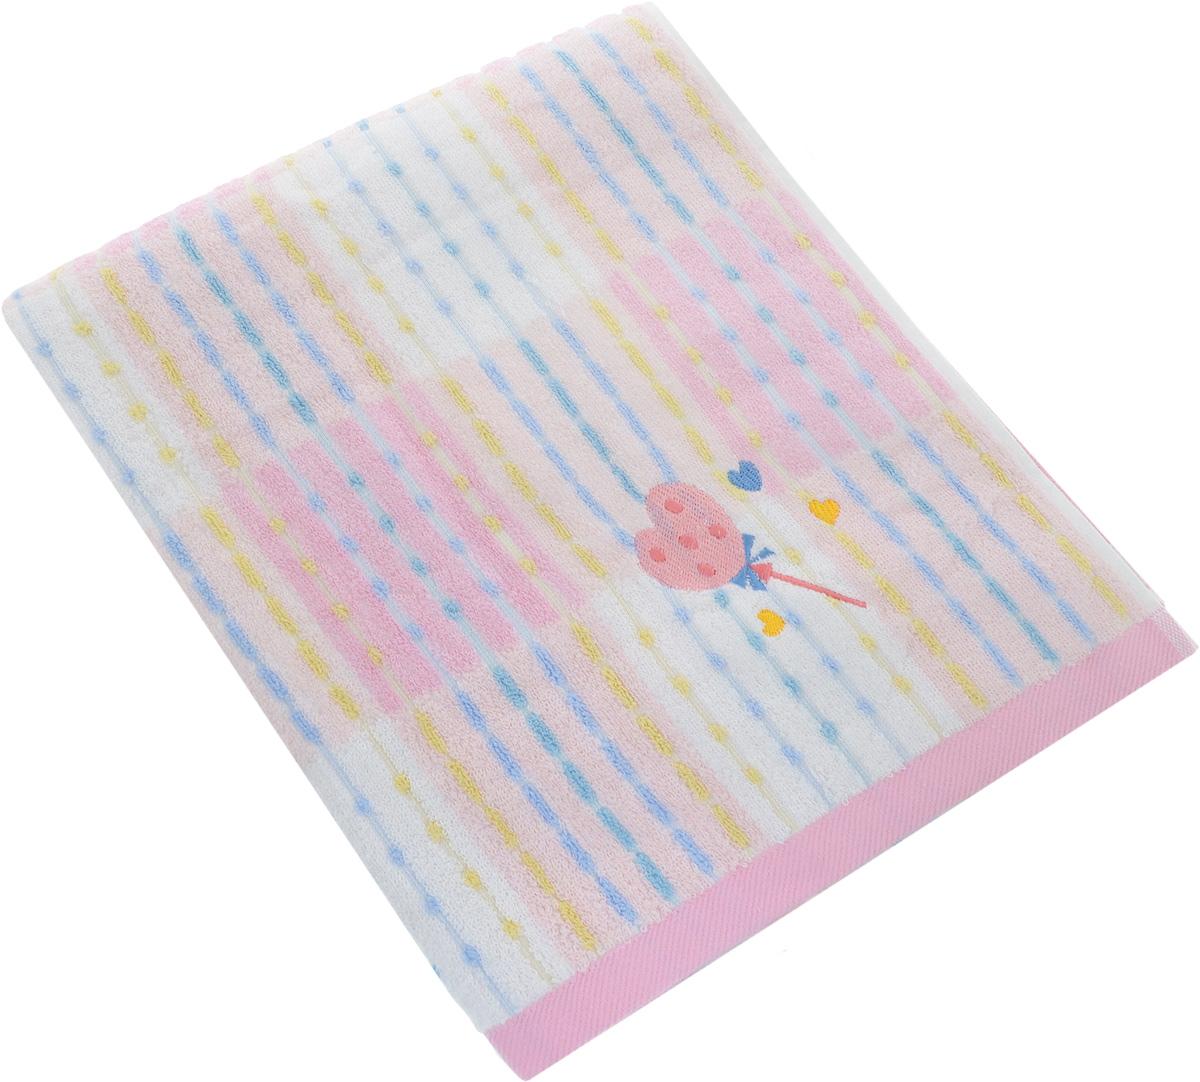 Полотенце Soavita Premium. Marni, цвет: розовый, 70 х 140 см10503Полотенце Soavita Premium. Marni выполнено из 100% хлопка. Изделие отлично впитывает влагу, быстро сохнет, сохраняет яркость цвета и не теряет форму даже после многократных стирок. Полотенце очень практично и неприхотливо в уходе. Оно создаст прекрасное настроение и украсит интерьер в ванной комнате.